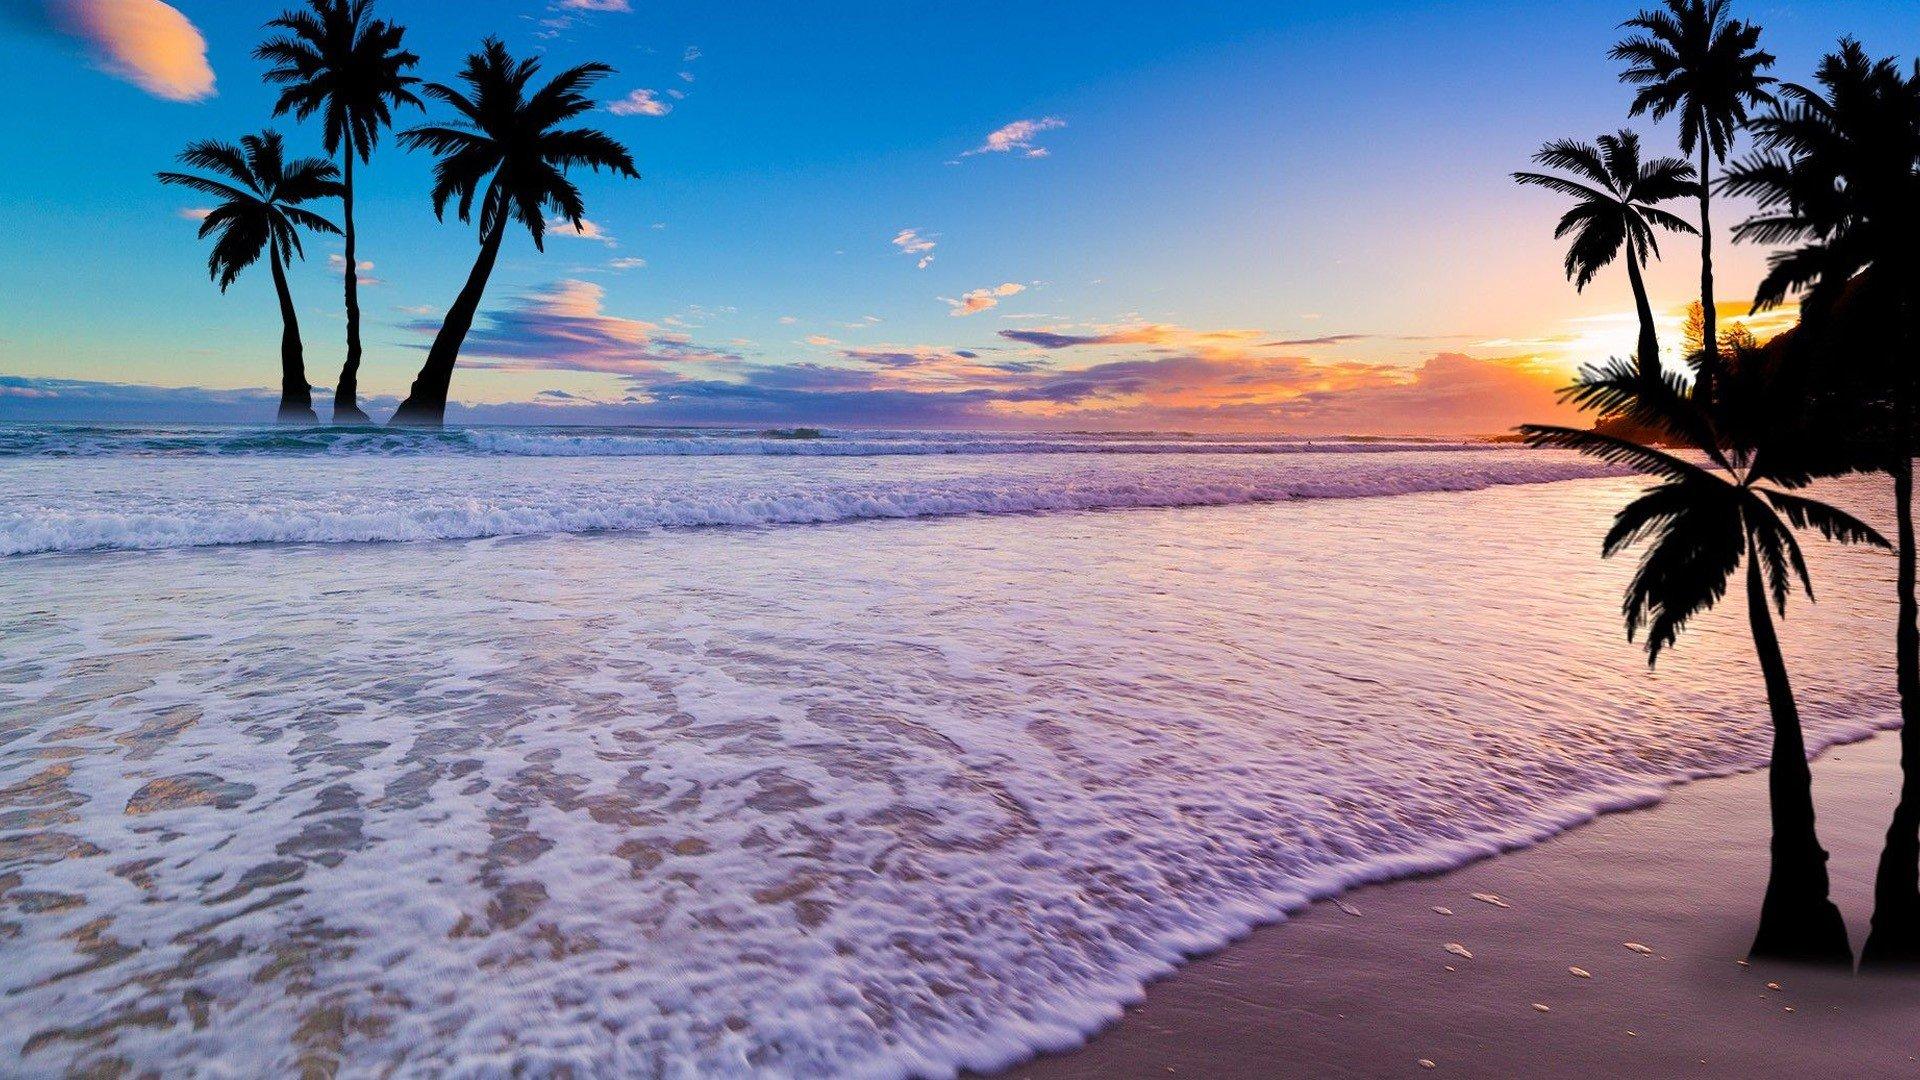 Fondos de pantalla Atardecer en la playa con palmas